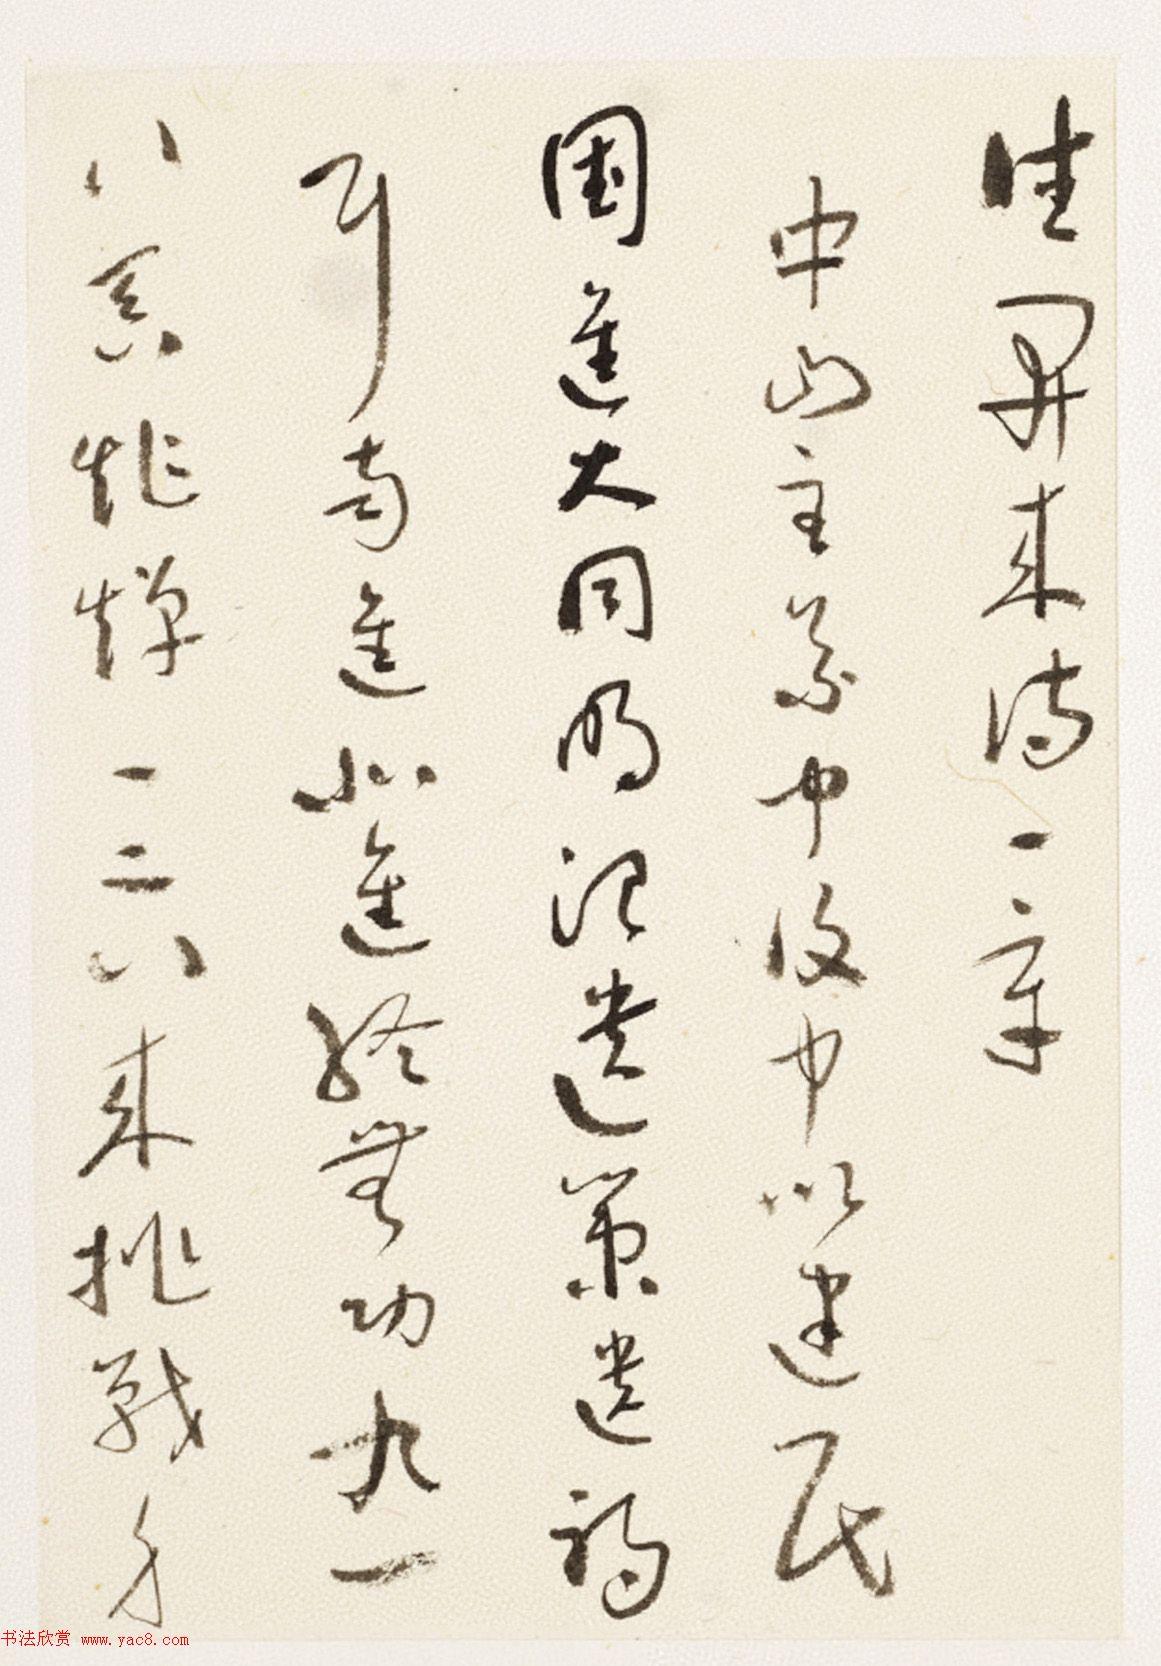 于右任小草书法墨迹册《第二次大战回忆歌》